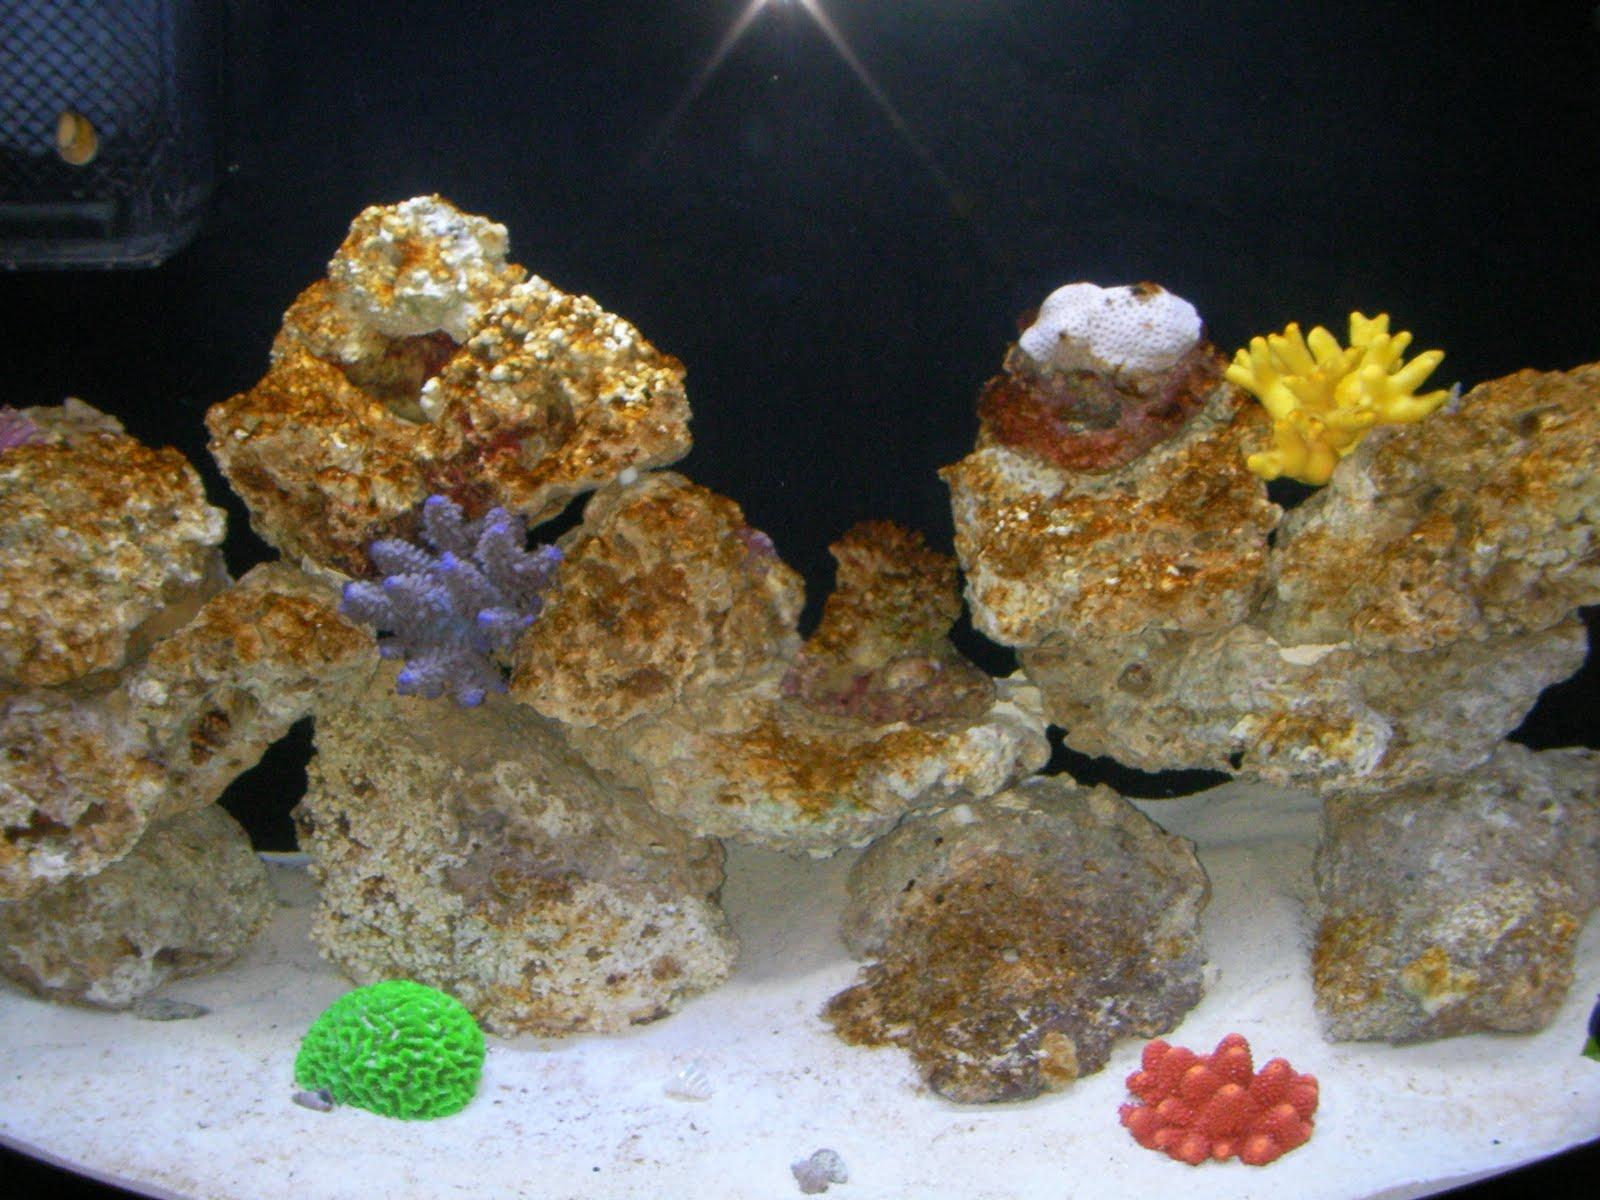 saltwater aquarium diatoms - Saltwater Algae Control: The ...